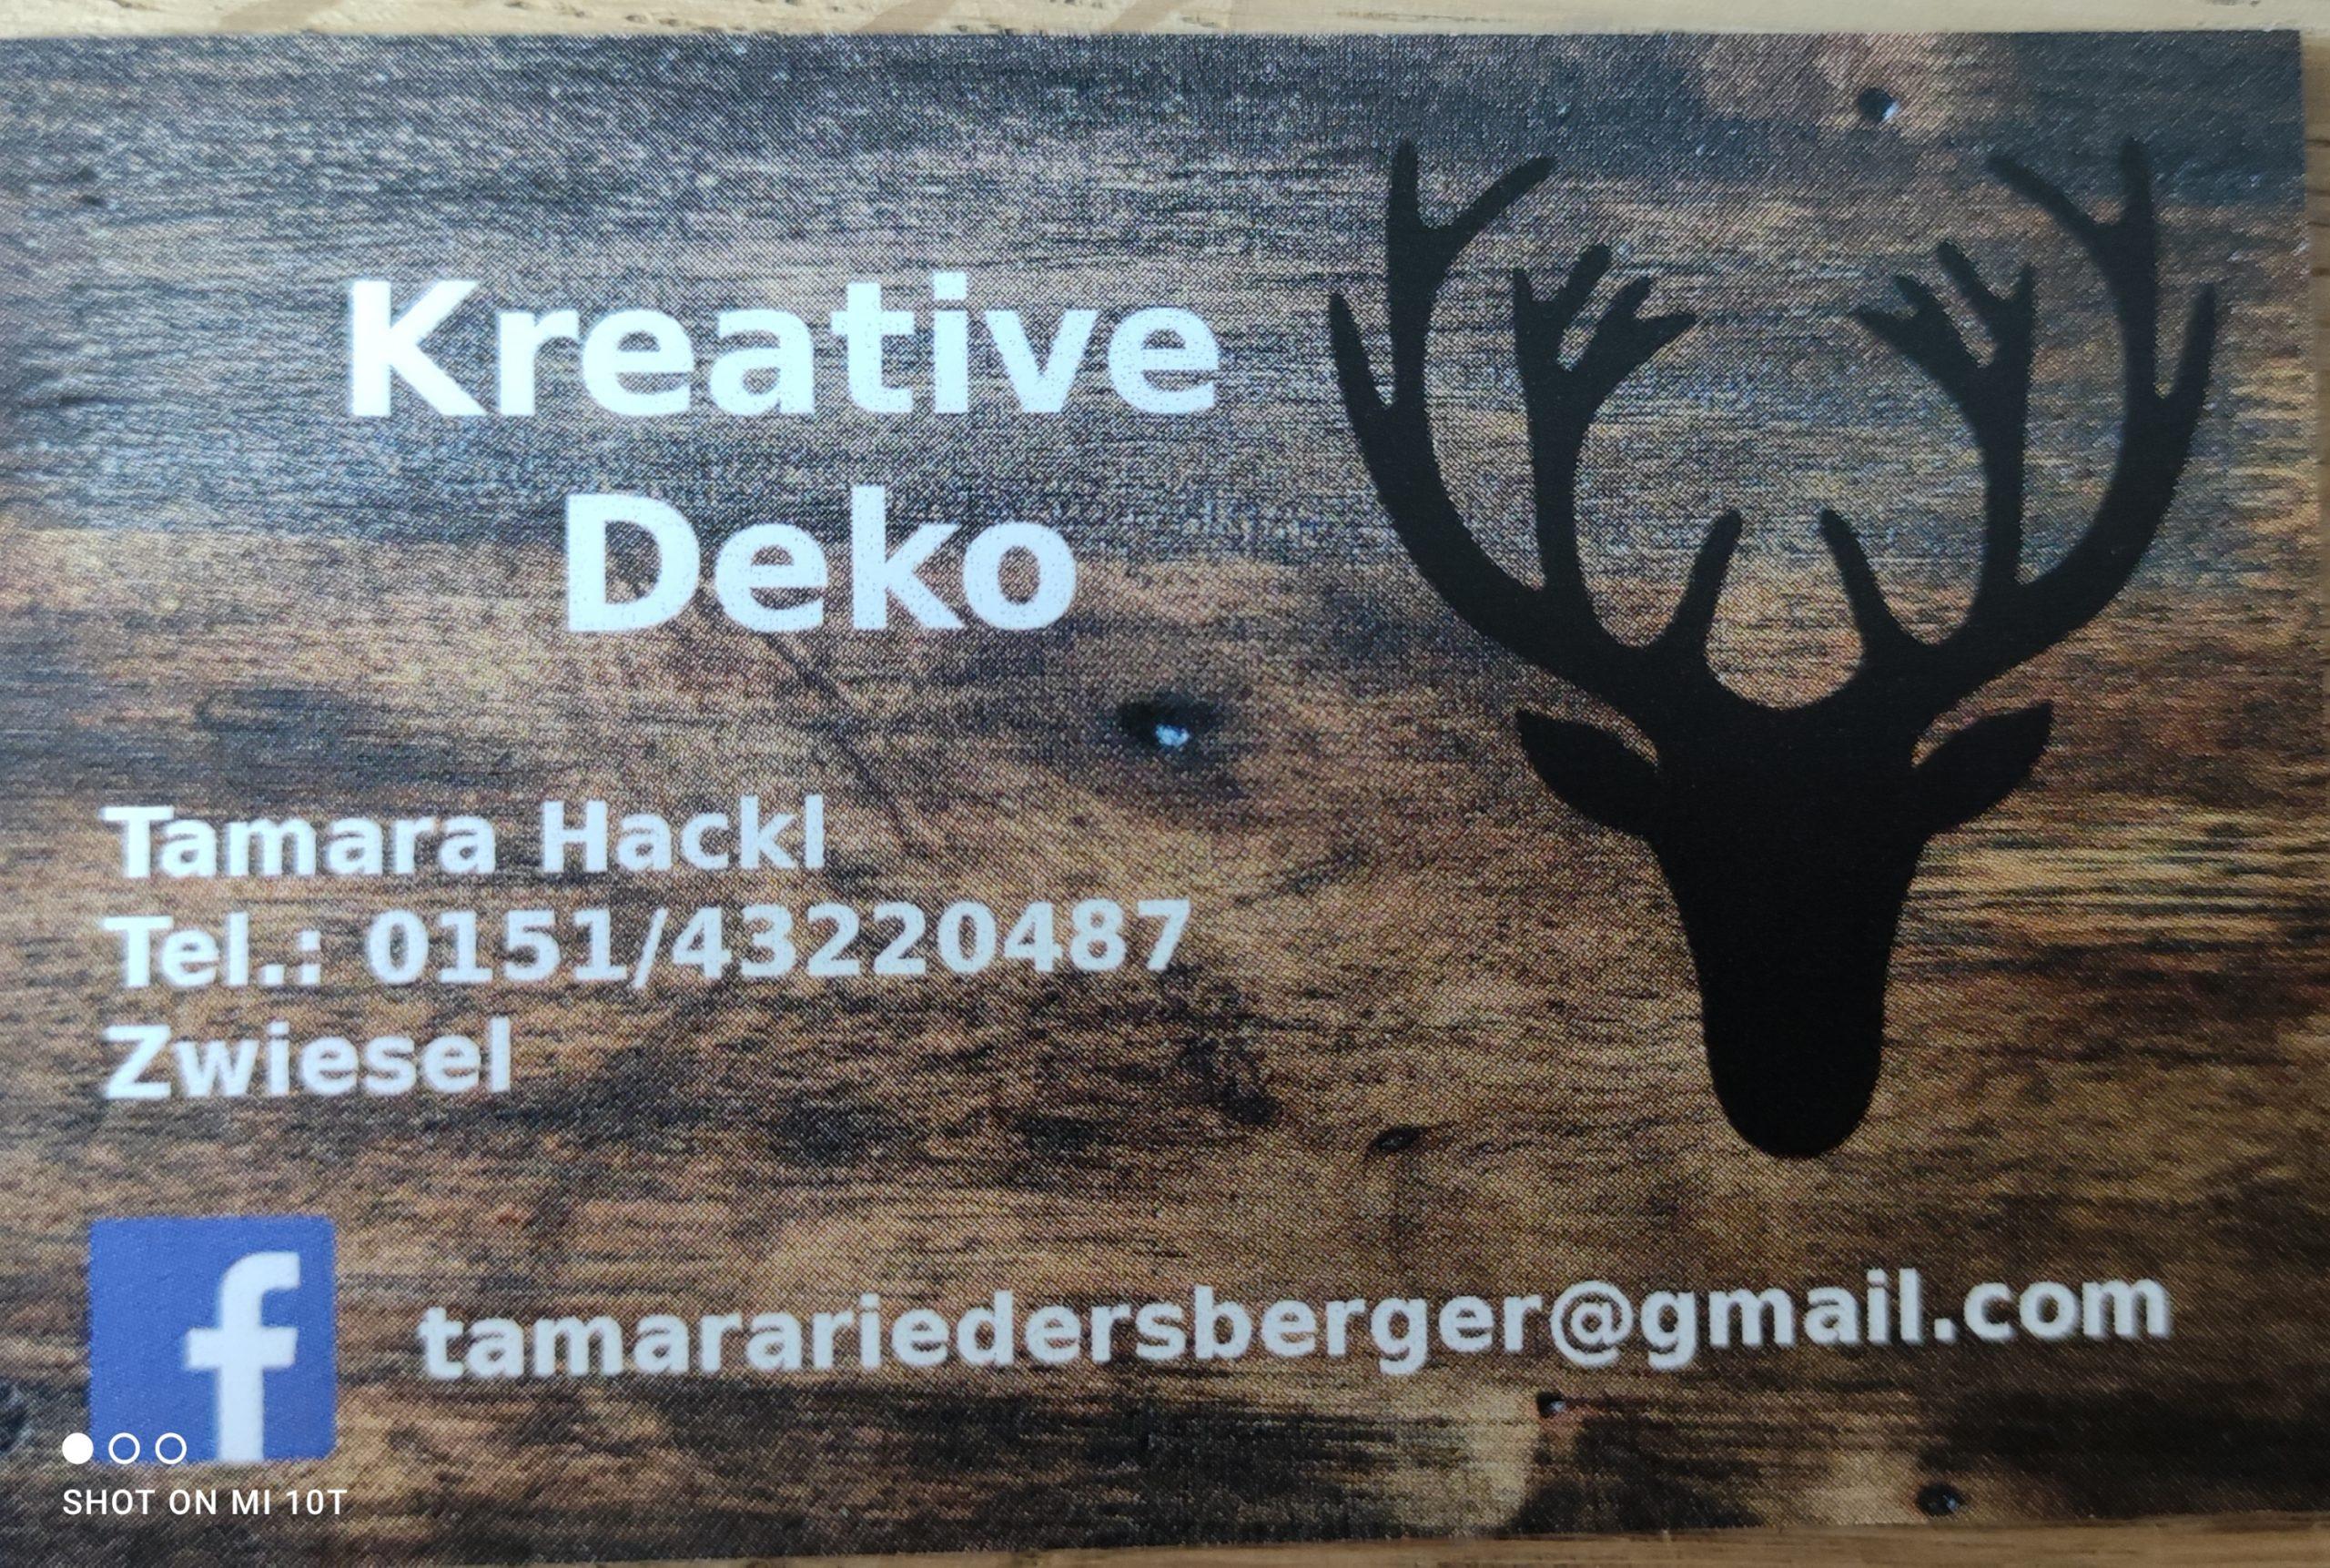 Kreative Deko